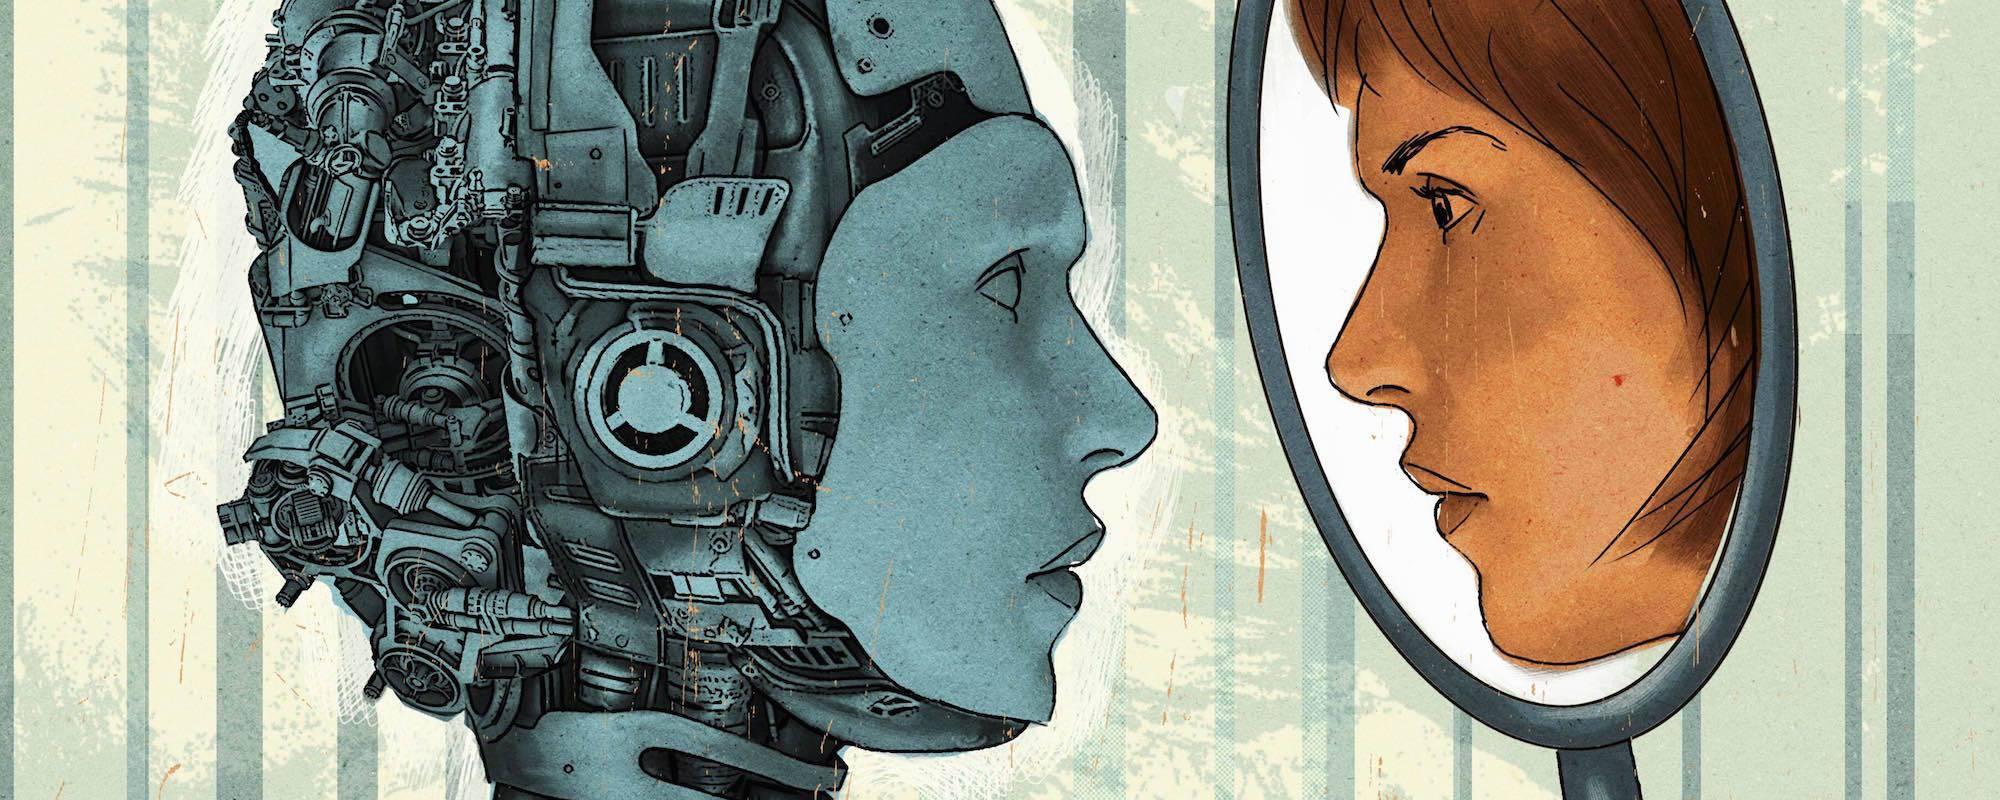 Unsere gesellschaft ist sexistisch wie wir mit robotern umgehen beweist es 1485533366.jpg?crop=1xw:0.30143180105501133xh;0xw,0